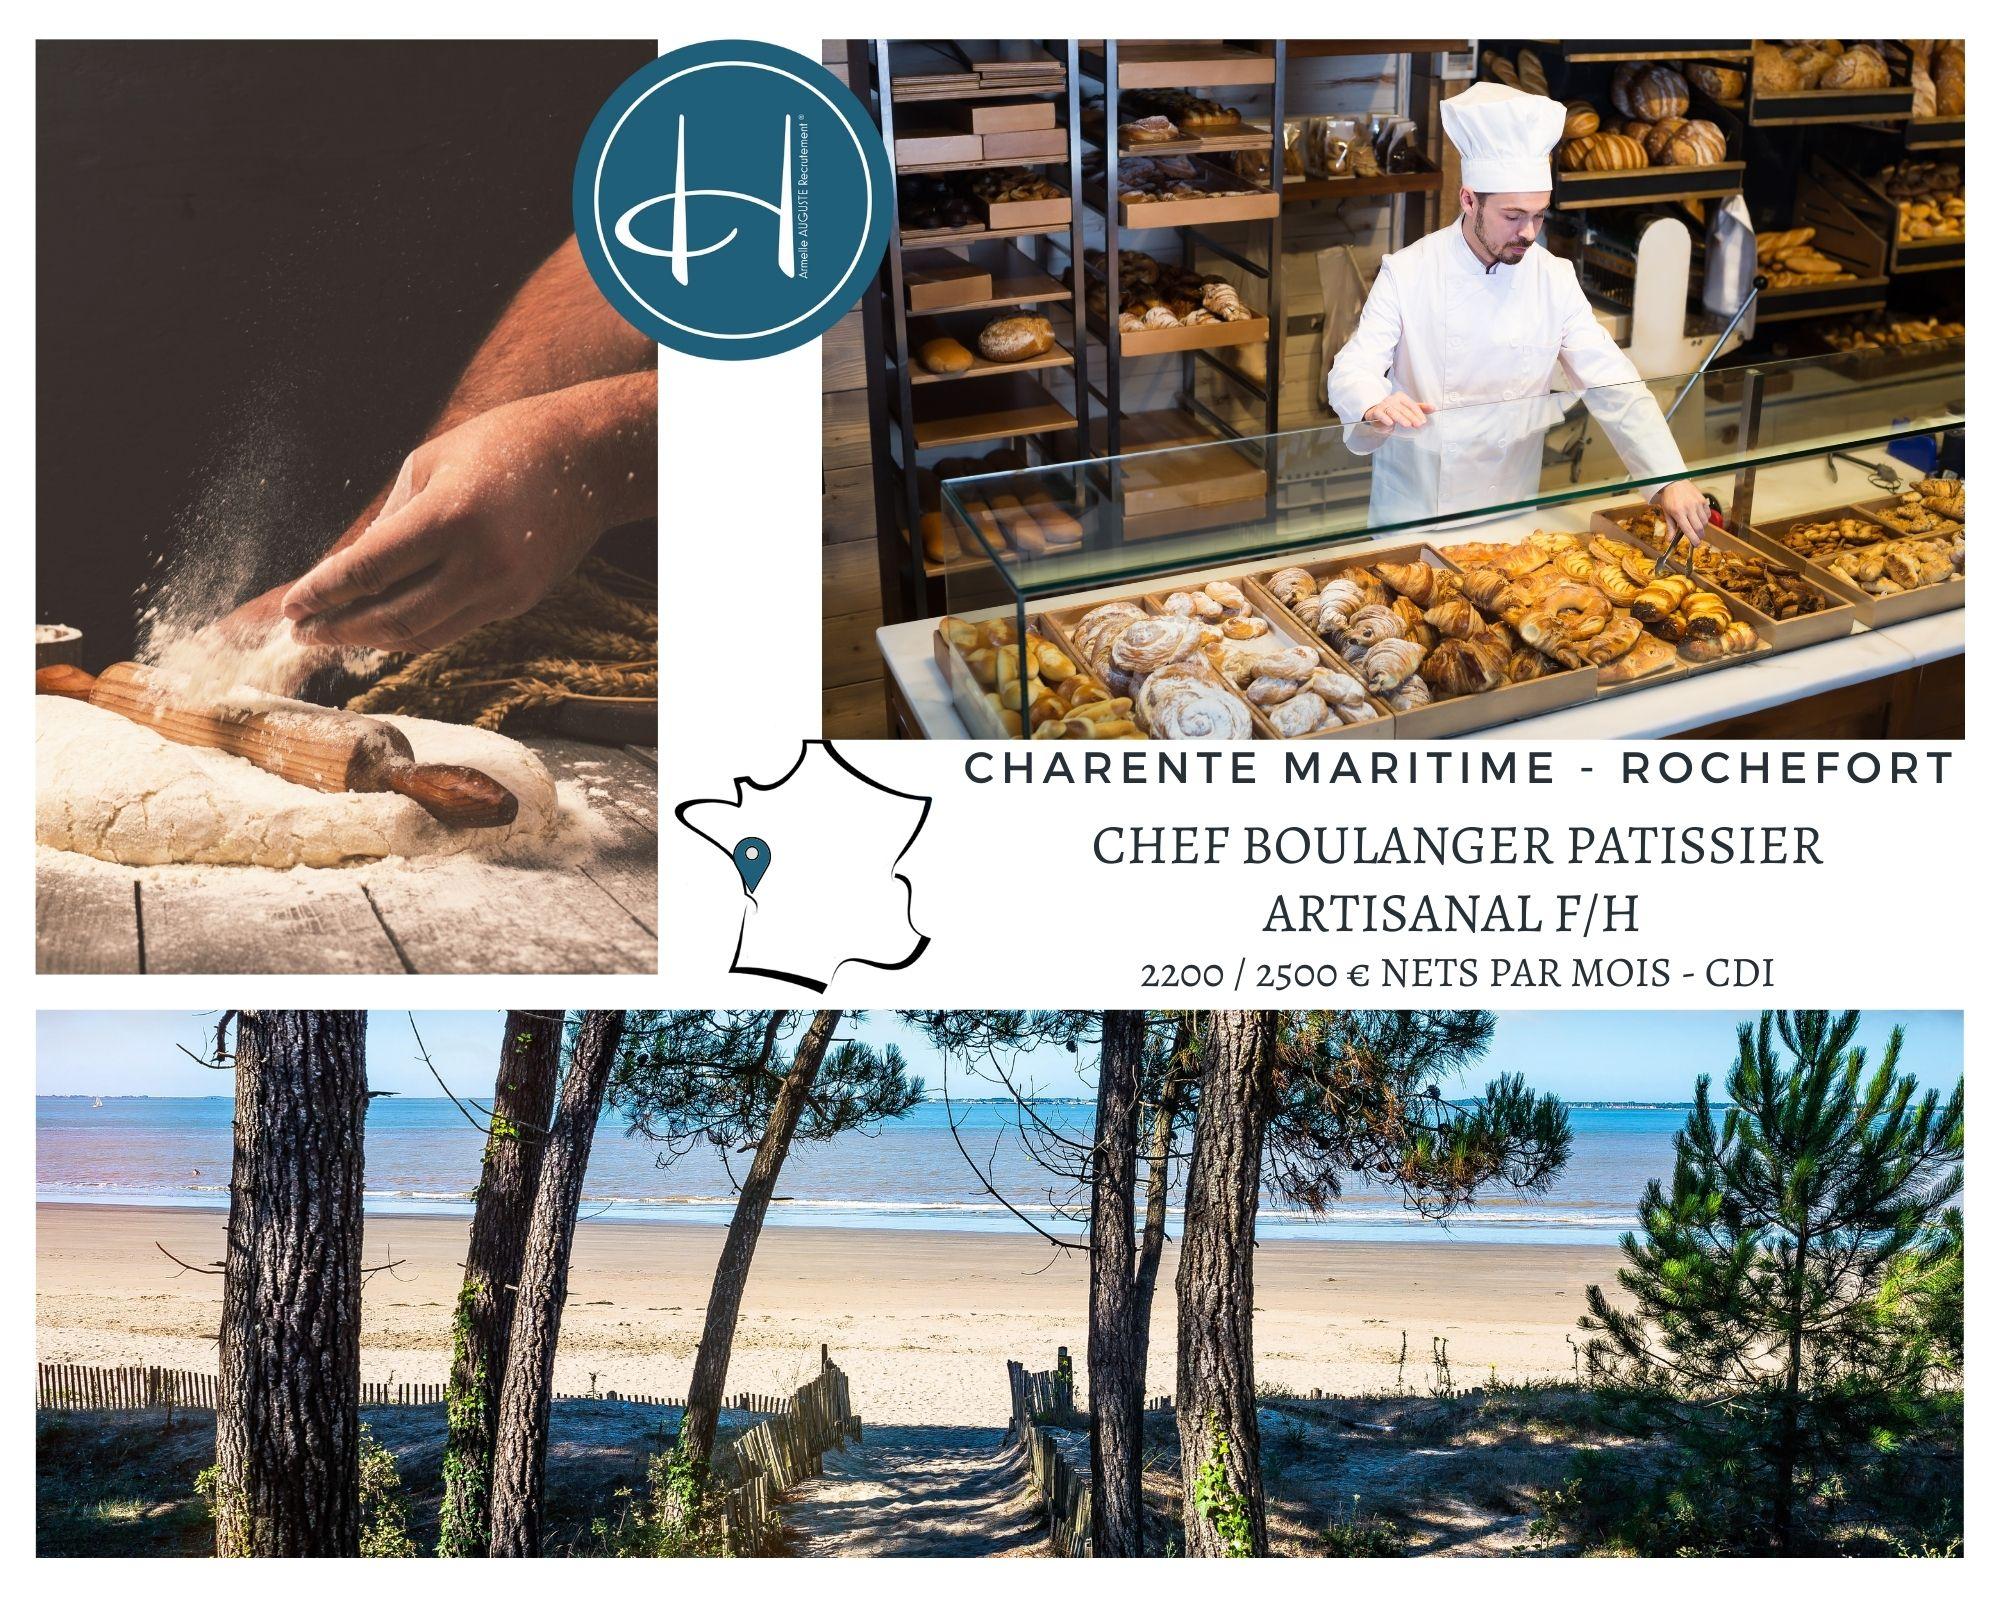 Recrutement: Chef Boulanger pâtissier artisanal F/H chez Armelle AUGUSTE Recrutement® à Rochefort